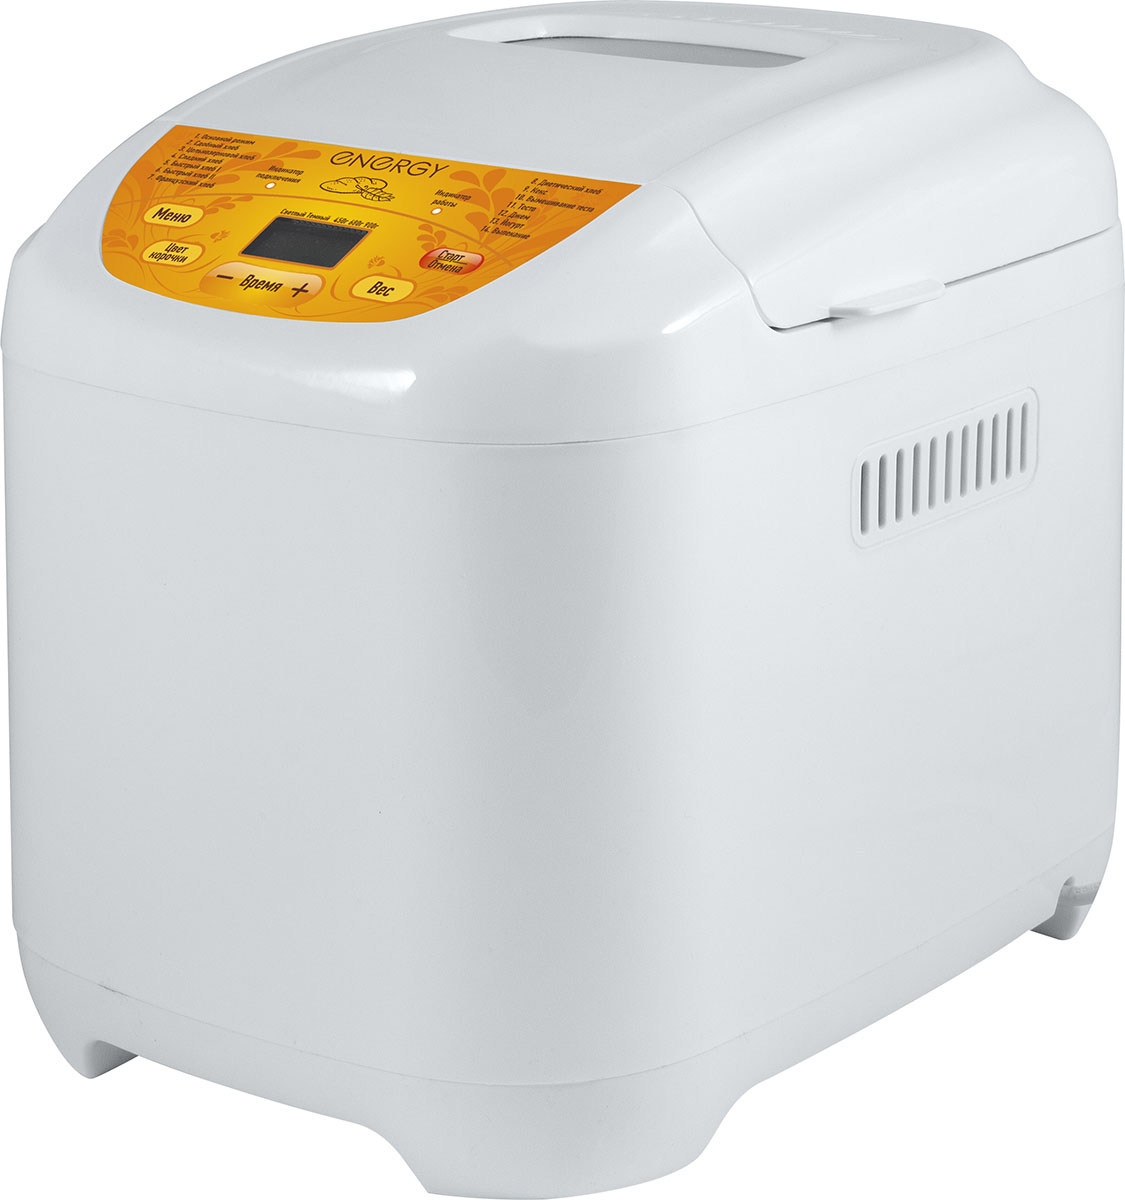 Energy EN-277 хлебопечка54 152471Вес выпечки: 450гр, 680гр, 900гр14 автоматических программ: Выбор цвета корочки (светлый, средний, темный)ДисплейТаймер отсрочки запуска до 13 часов Поддержание температуры до 60 минут Звуковой сигнал для добавления фруктов/орехов/приправ Сохранение программы при отключении электропитания до 15 минут Съемная чаша для выпекания с антипригарным покрытием Окно для наблюдения за процессом приготовления в комплекте: мерный стаканчик, мерная ложечка, крючок материал корпуса пластик